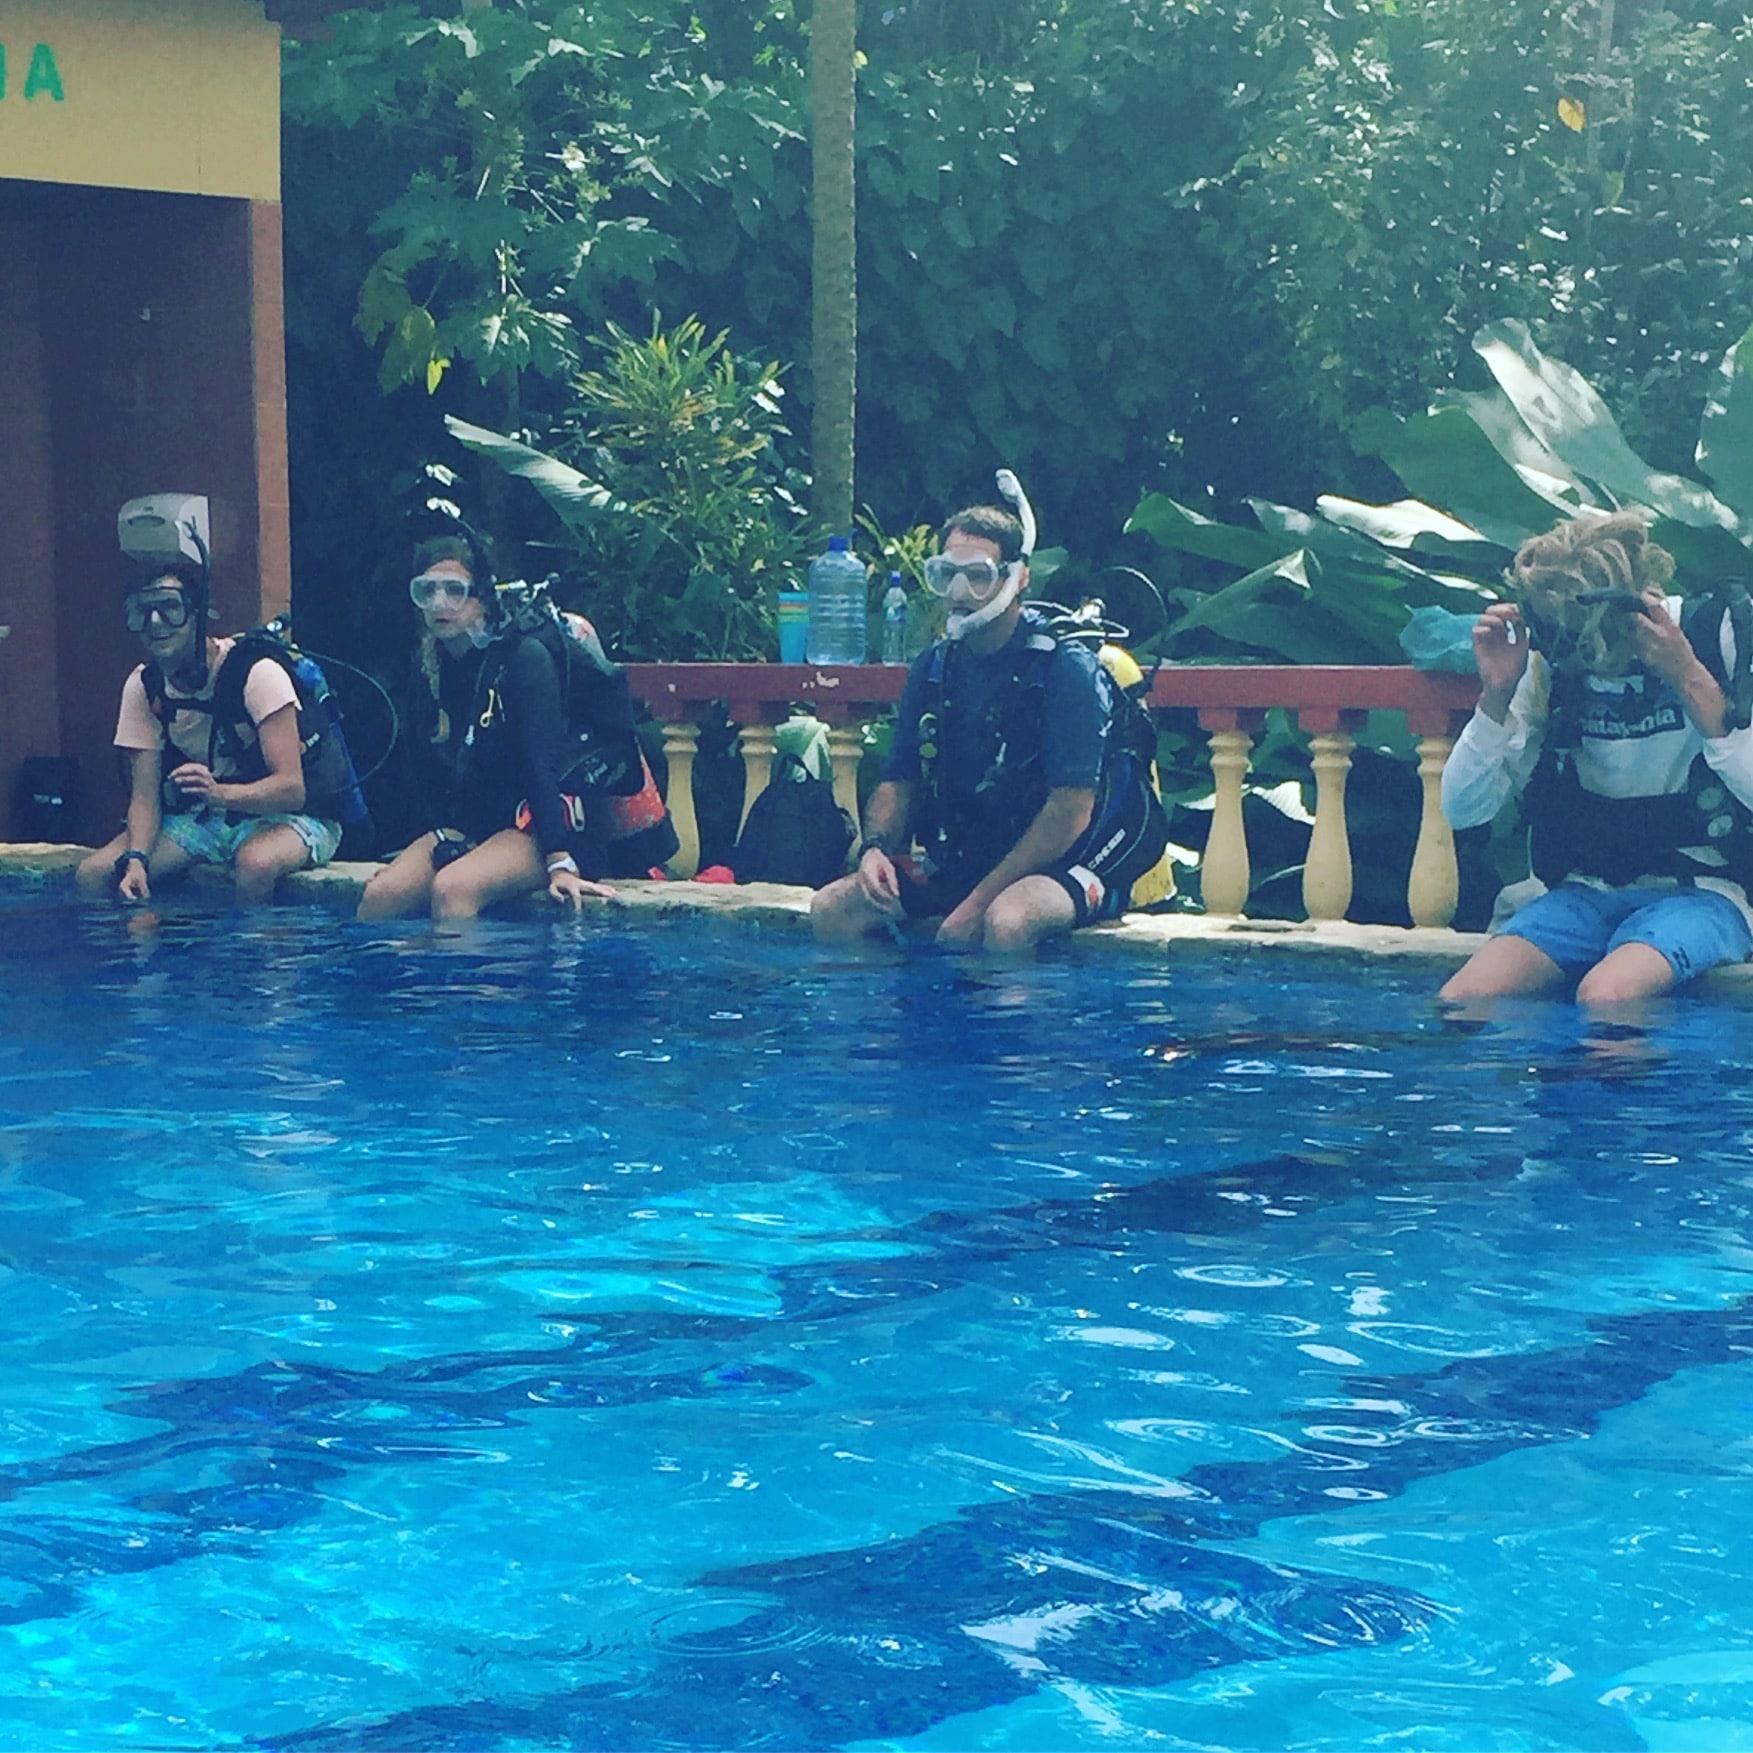 PADI IDC at the pool in costa rica